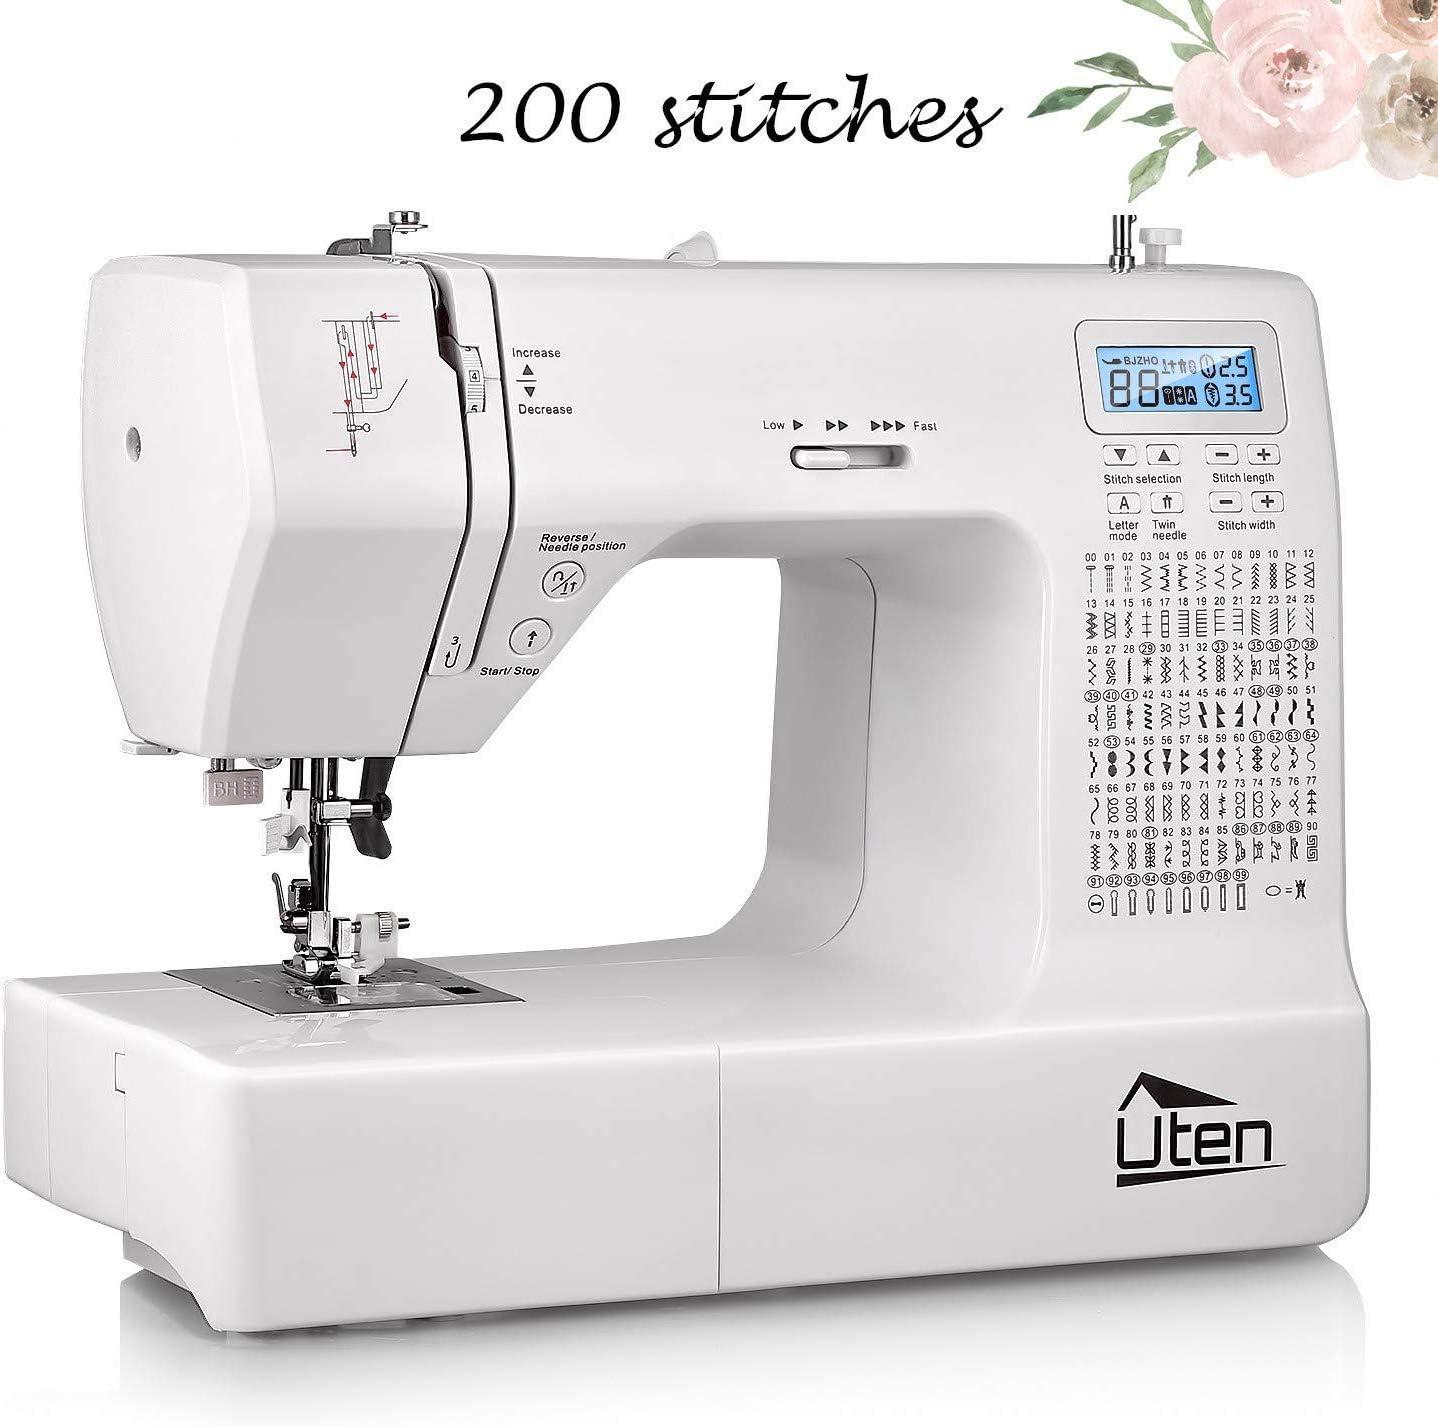 Averias maquina de coser